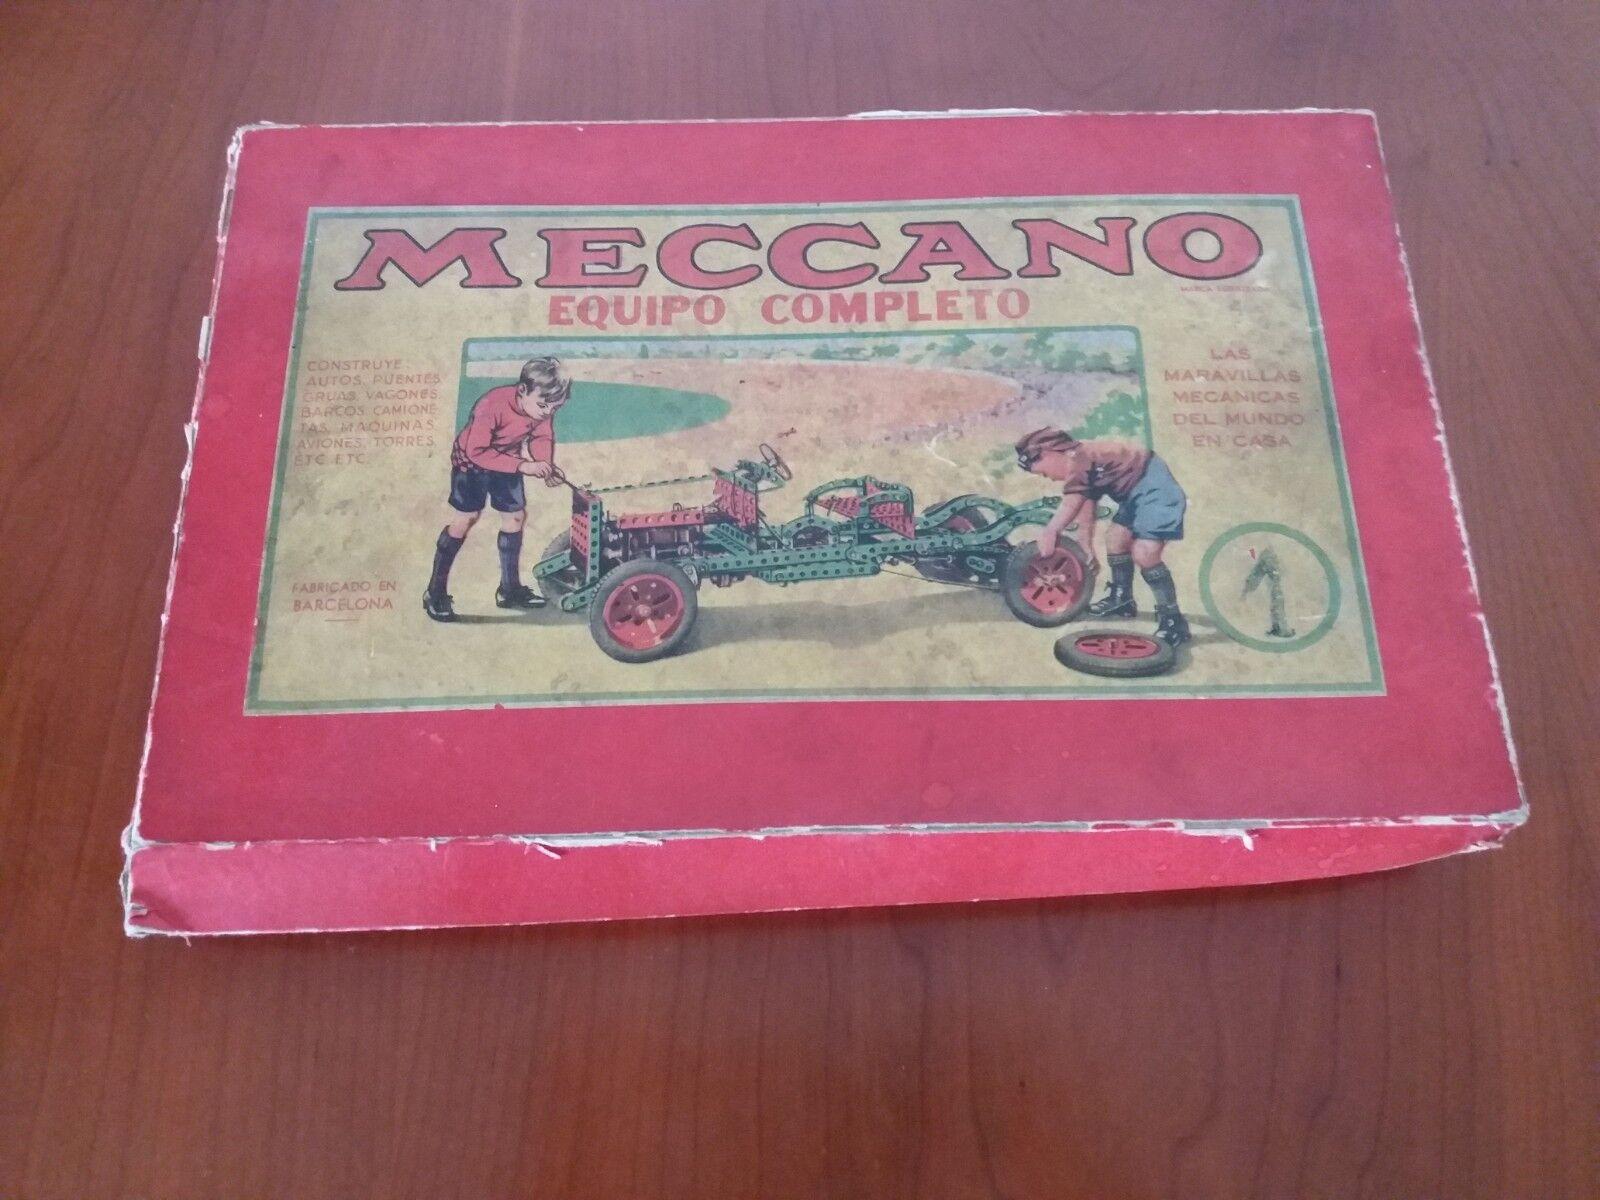 Meccano Equipo Completo nº1 ( Ver Fotos) de los años 70